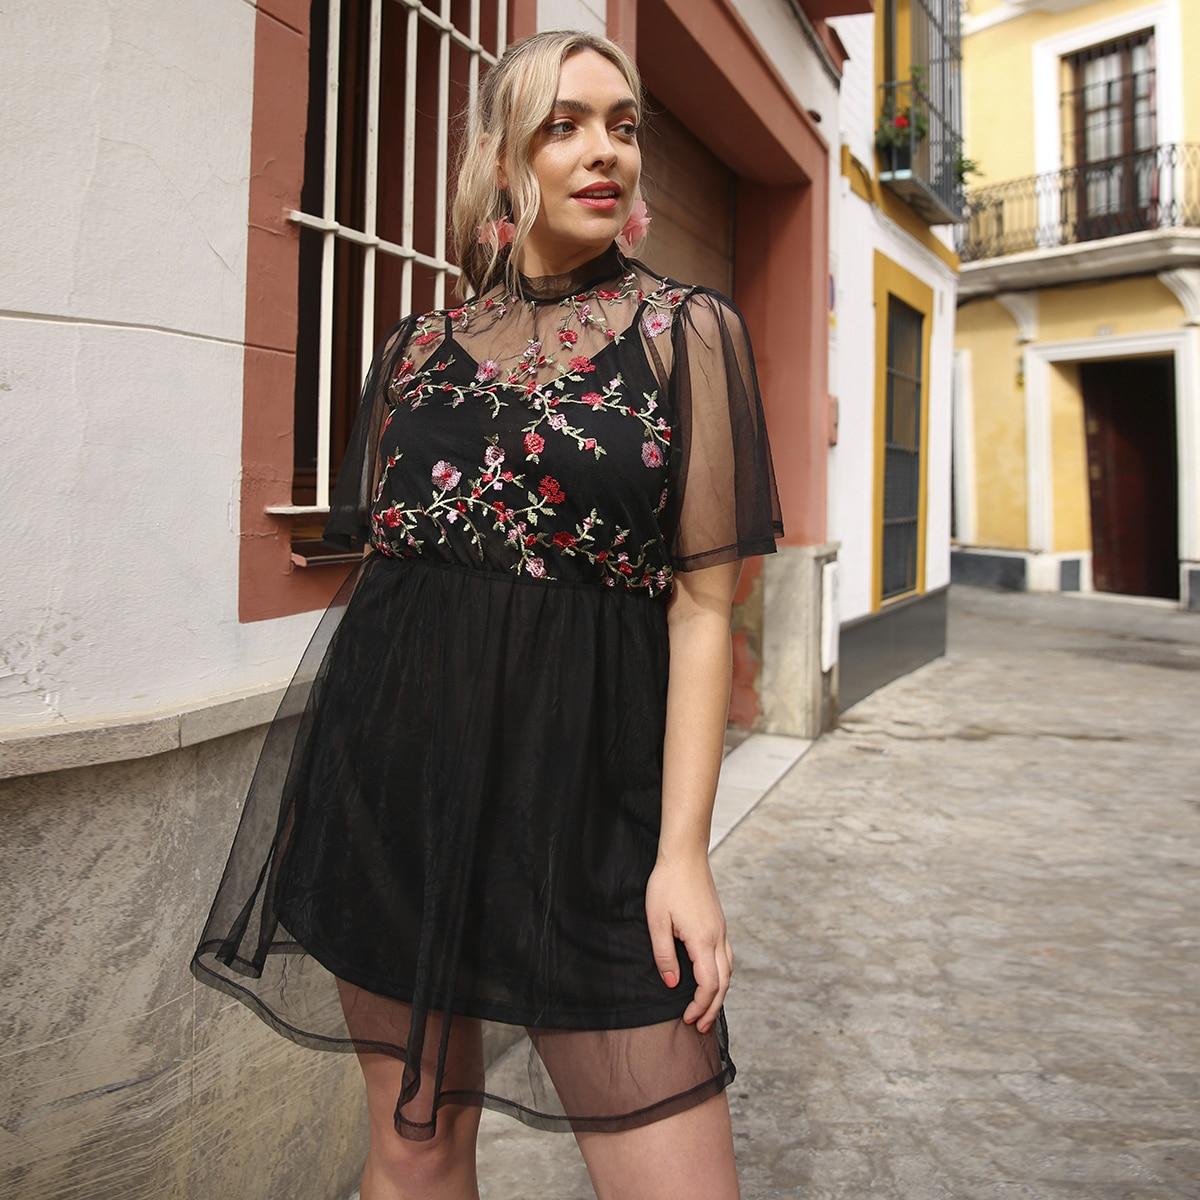 SHEIN / Große Größen - Kleid mit Blumen Stickereien und Netzstoff